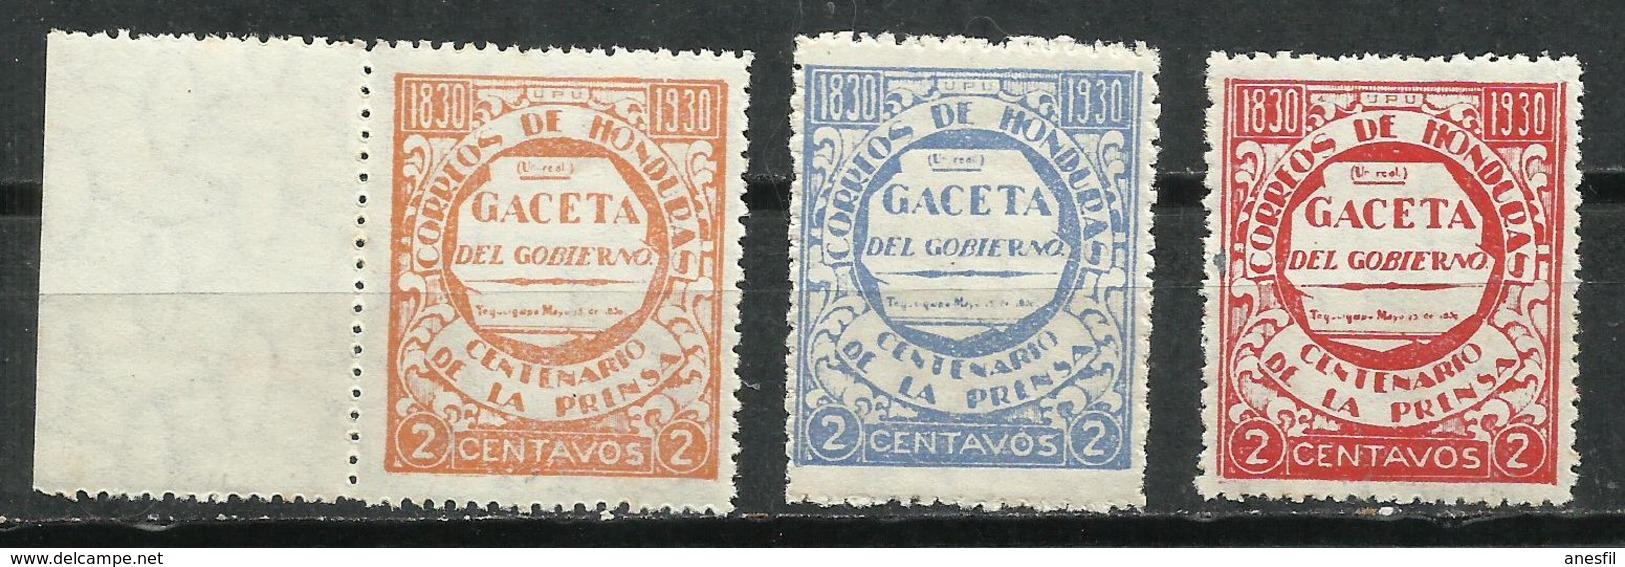 Honduras. 1930. La Gaceta Del Gobierno. - Honduras